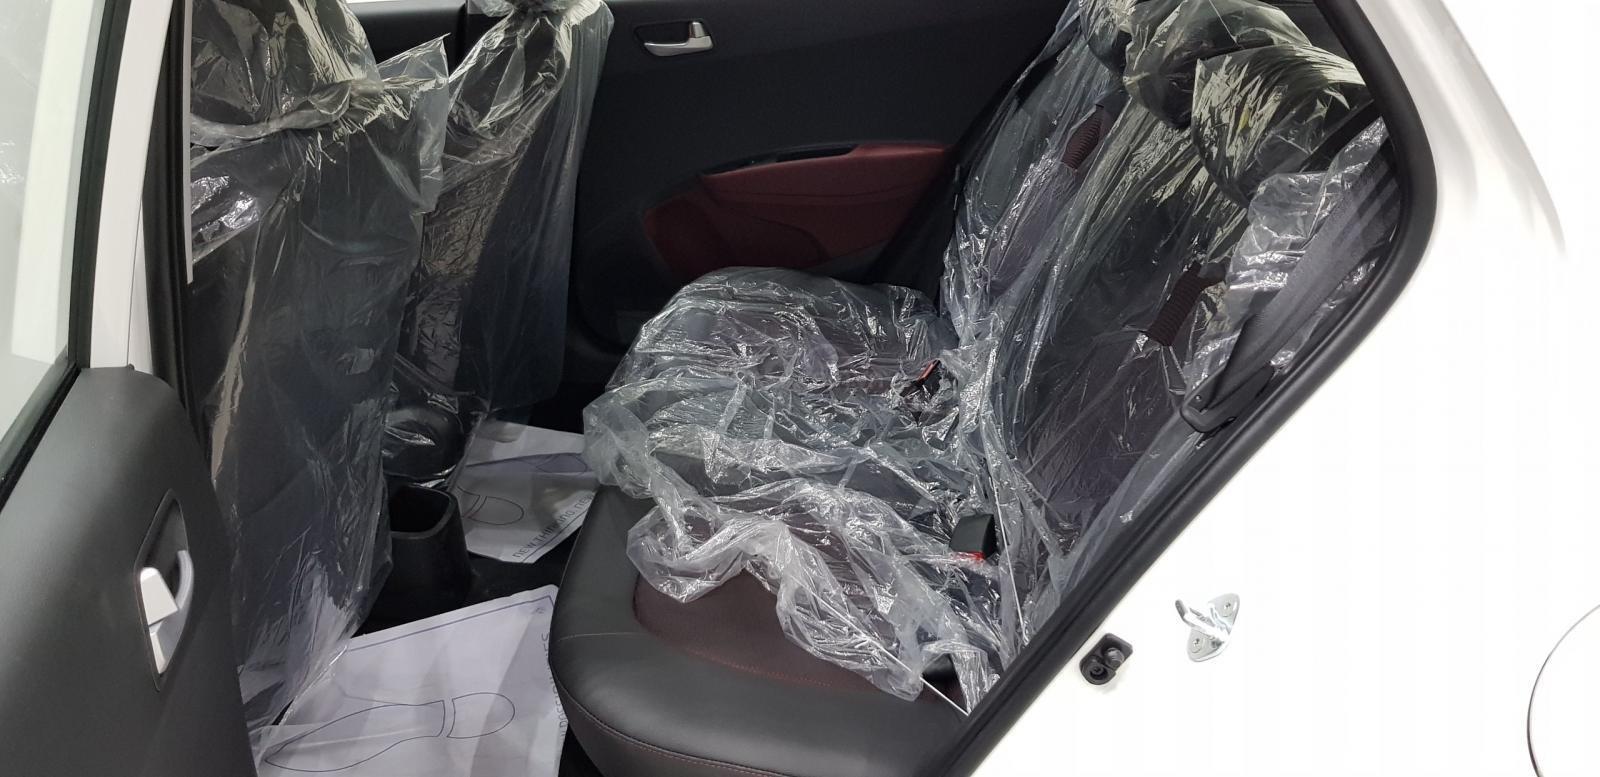 Bán Hyundai i10 hatchback, sản xuất 2019, có giao ngay, giá cạnh tranh, đủ màu, LH 0971626238 (10)